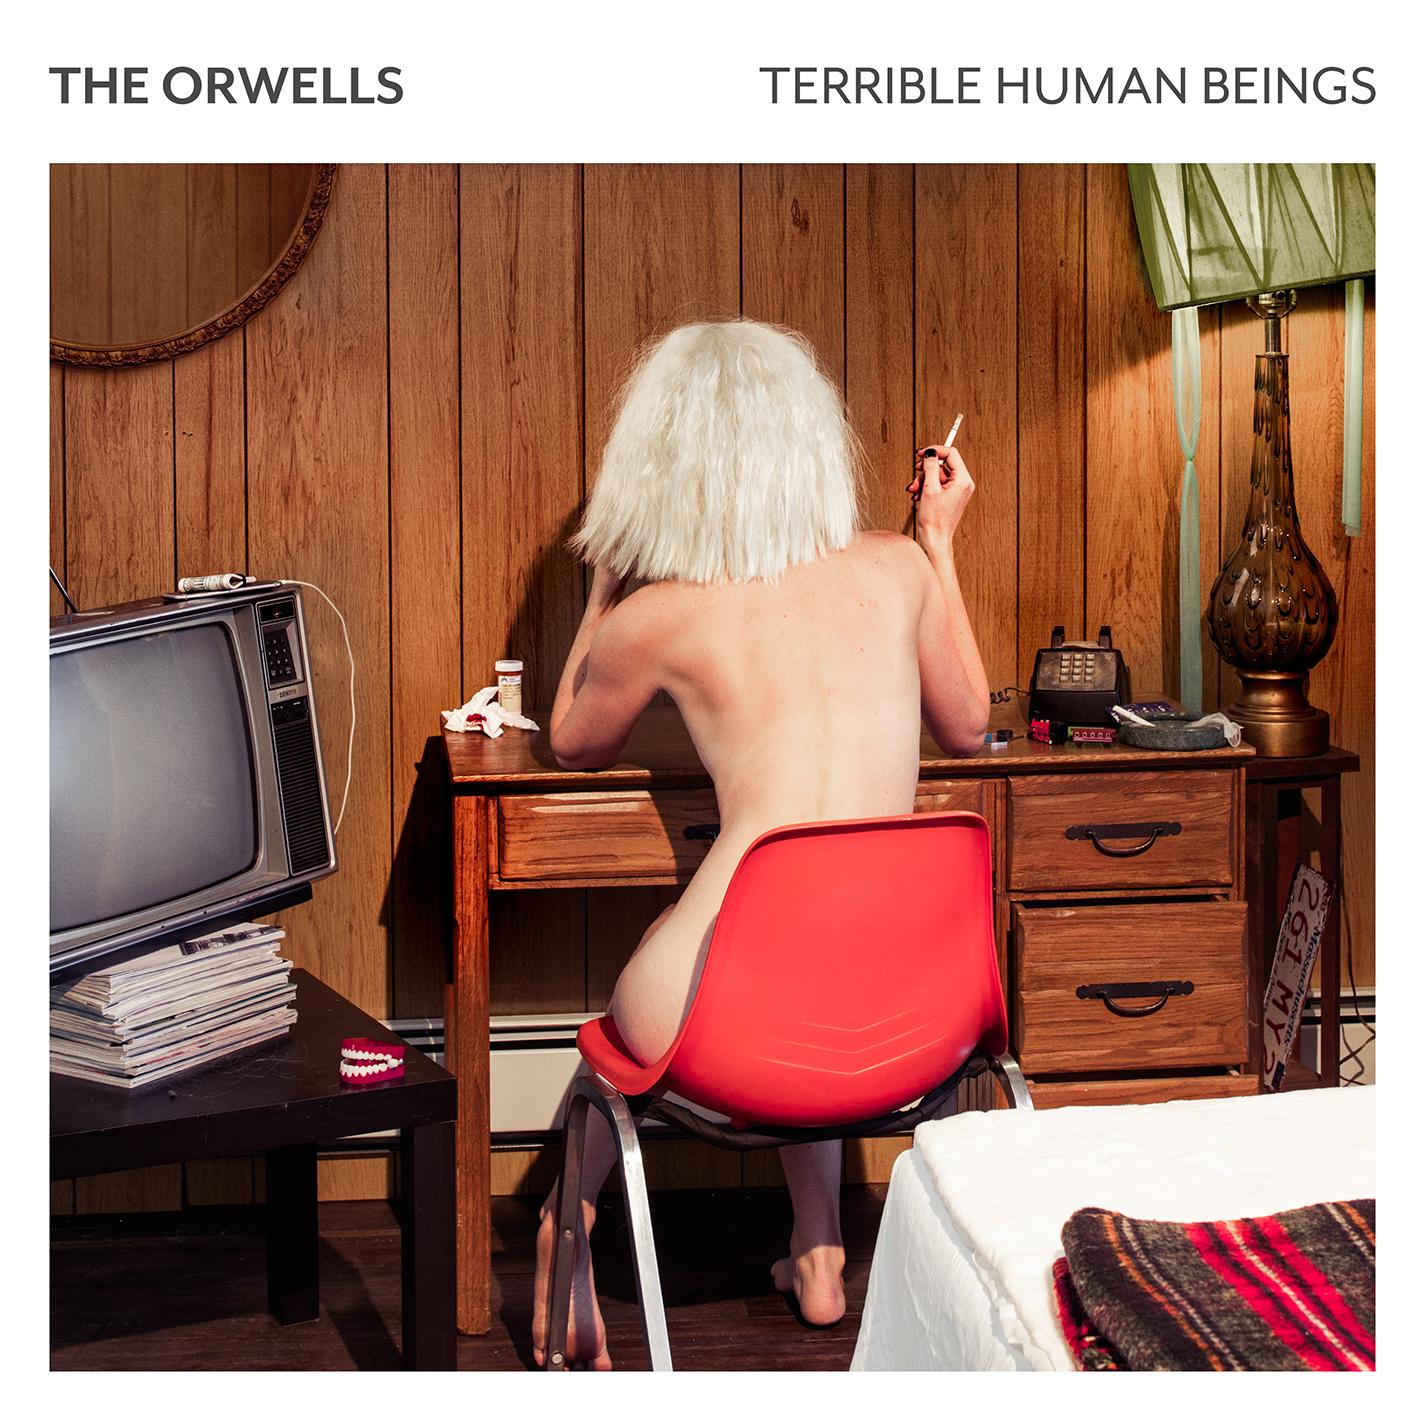 orwells-terrible-human-beings-9969